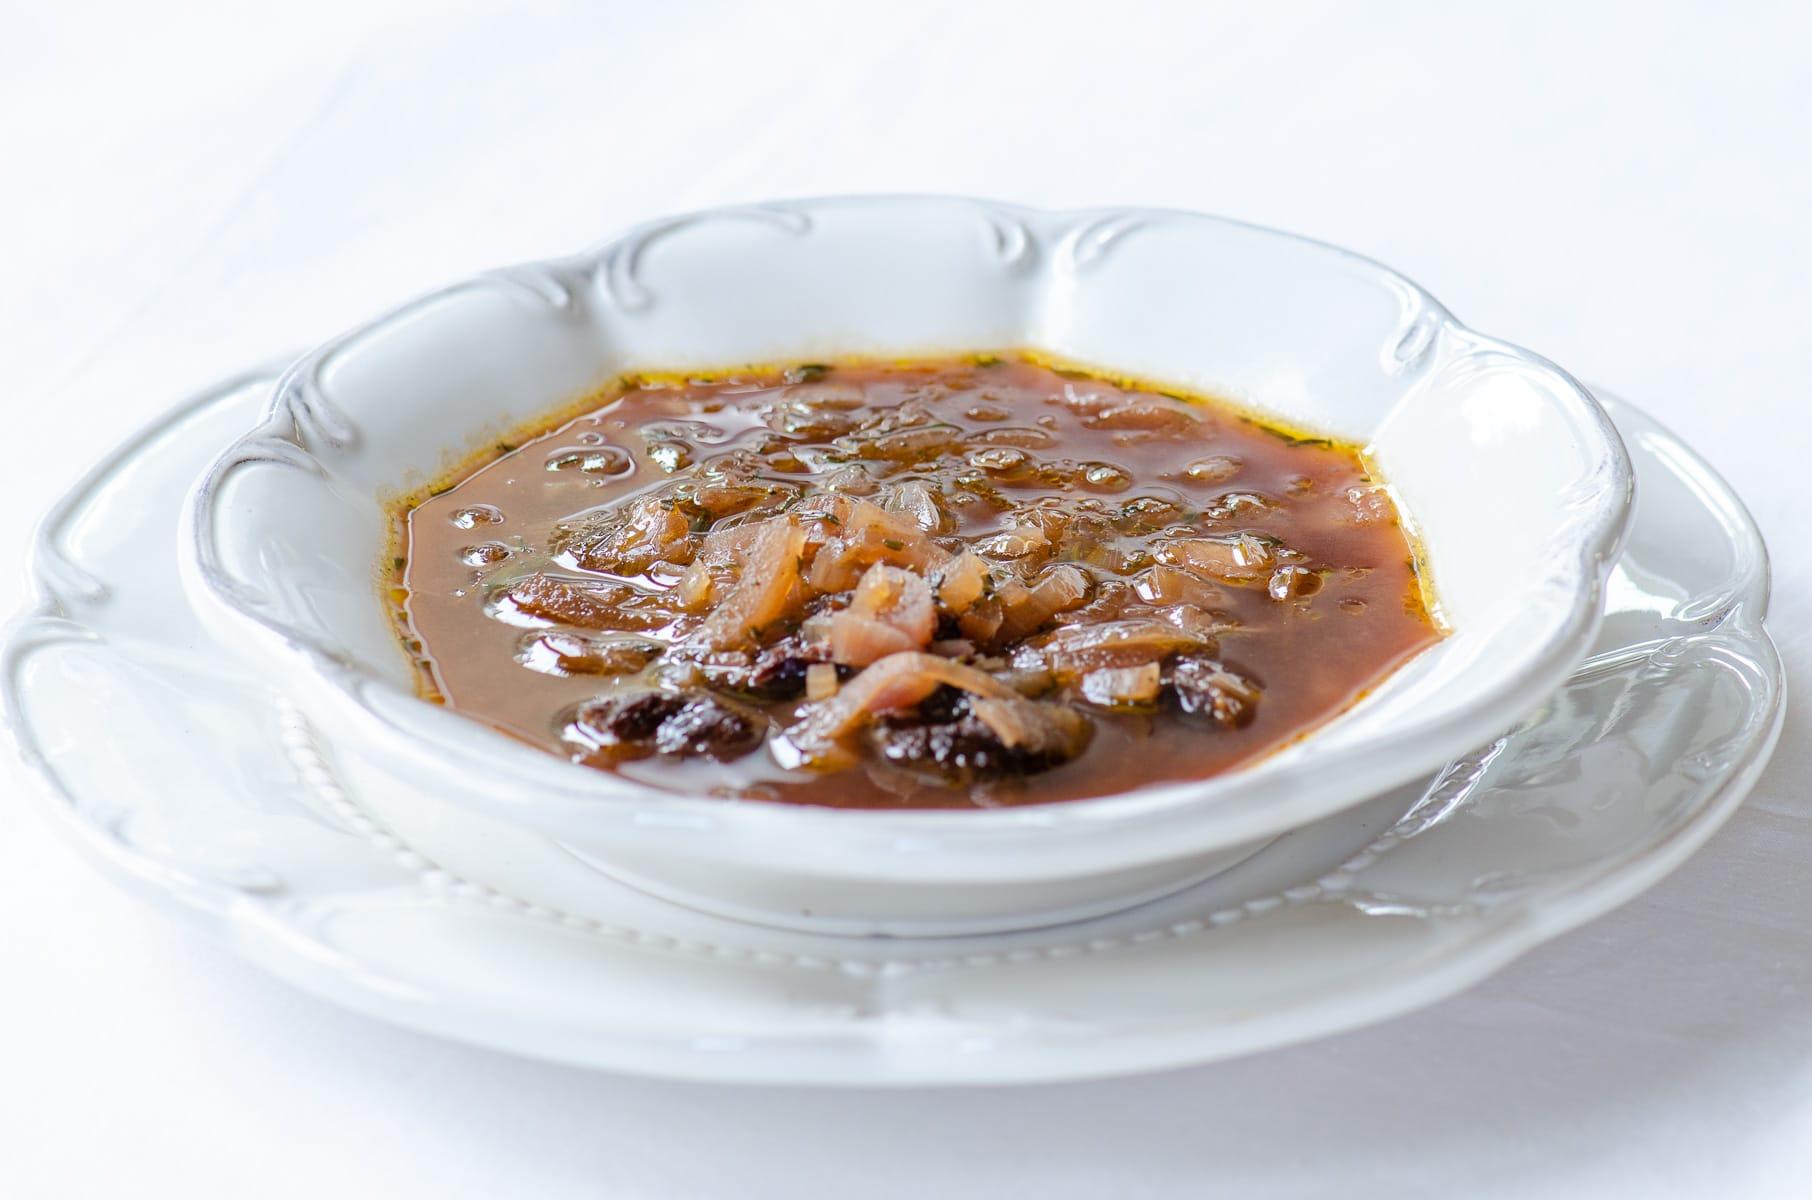 Talerz zupy z czerwonej cebuli i suszonych śliwek